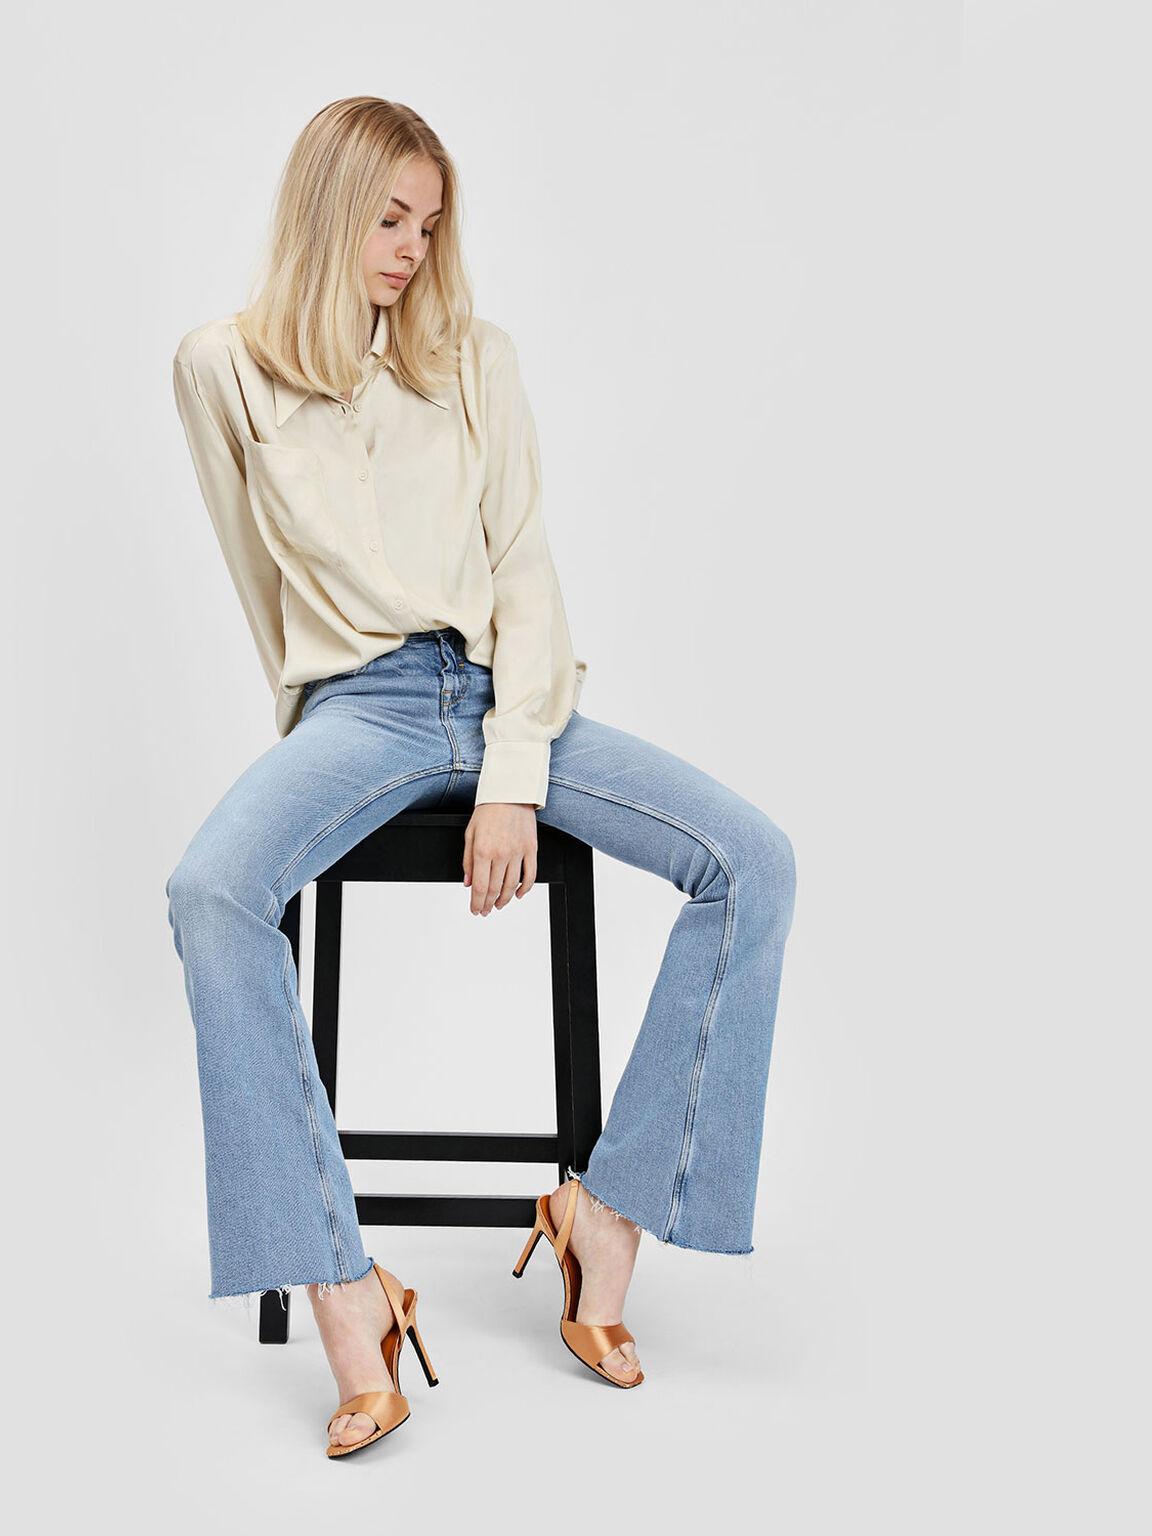 Embellished Square Toe Slingback Heels, Mustard, hi-res